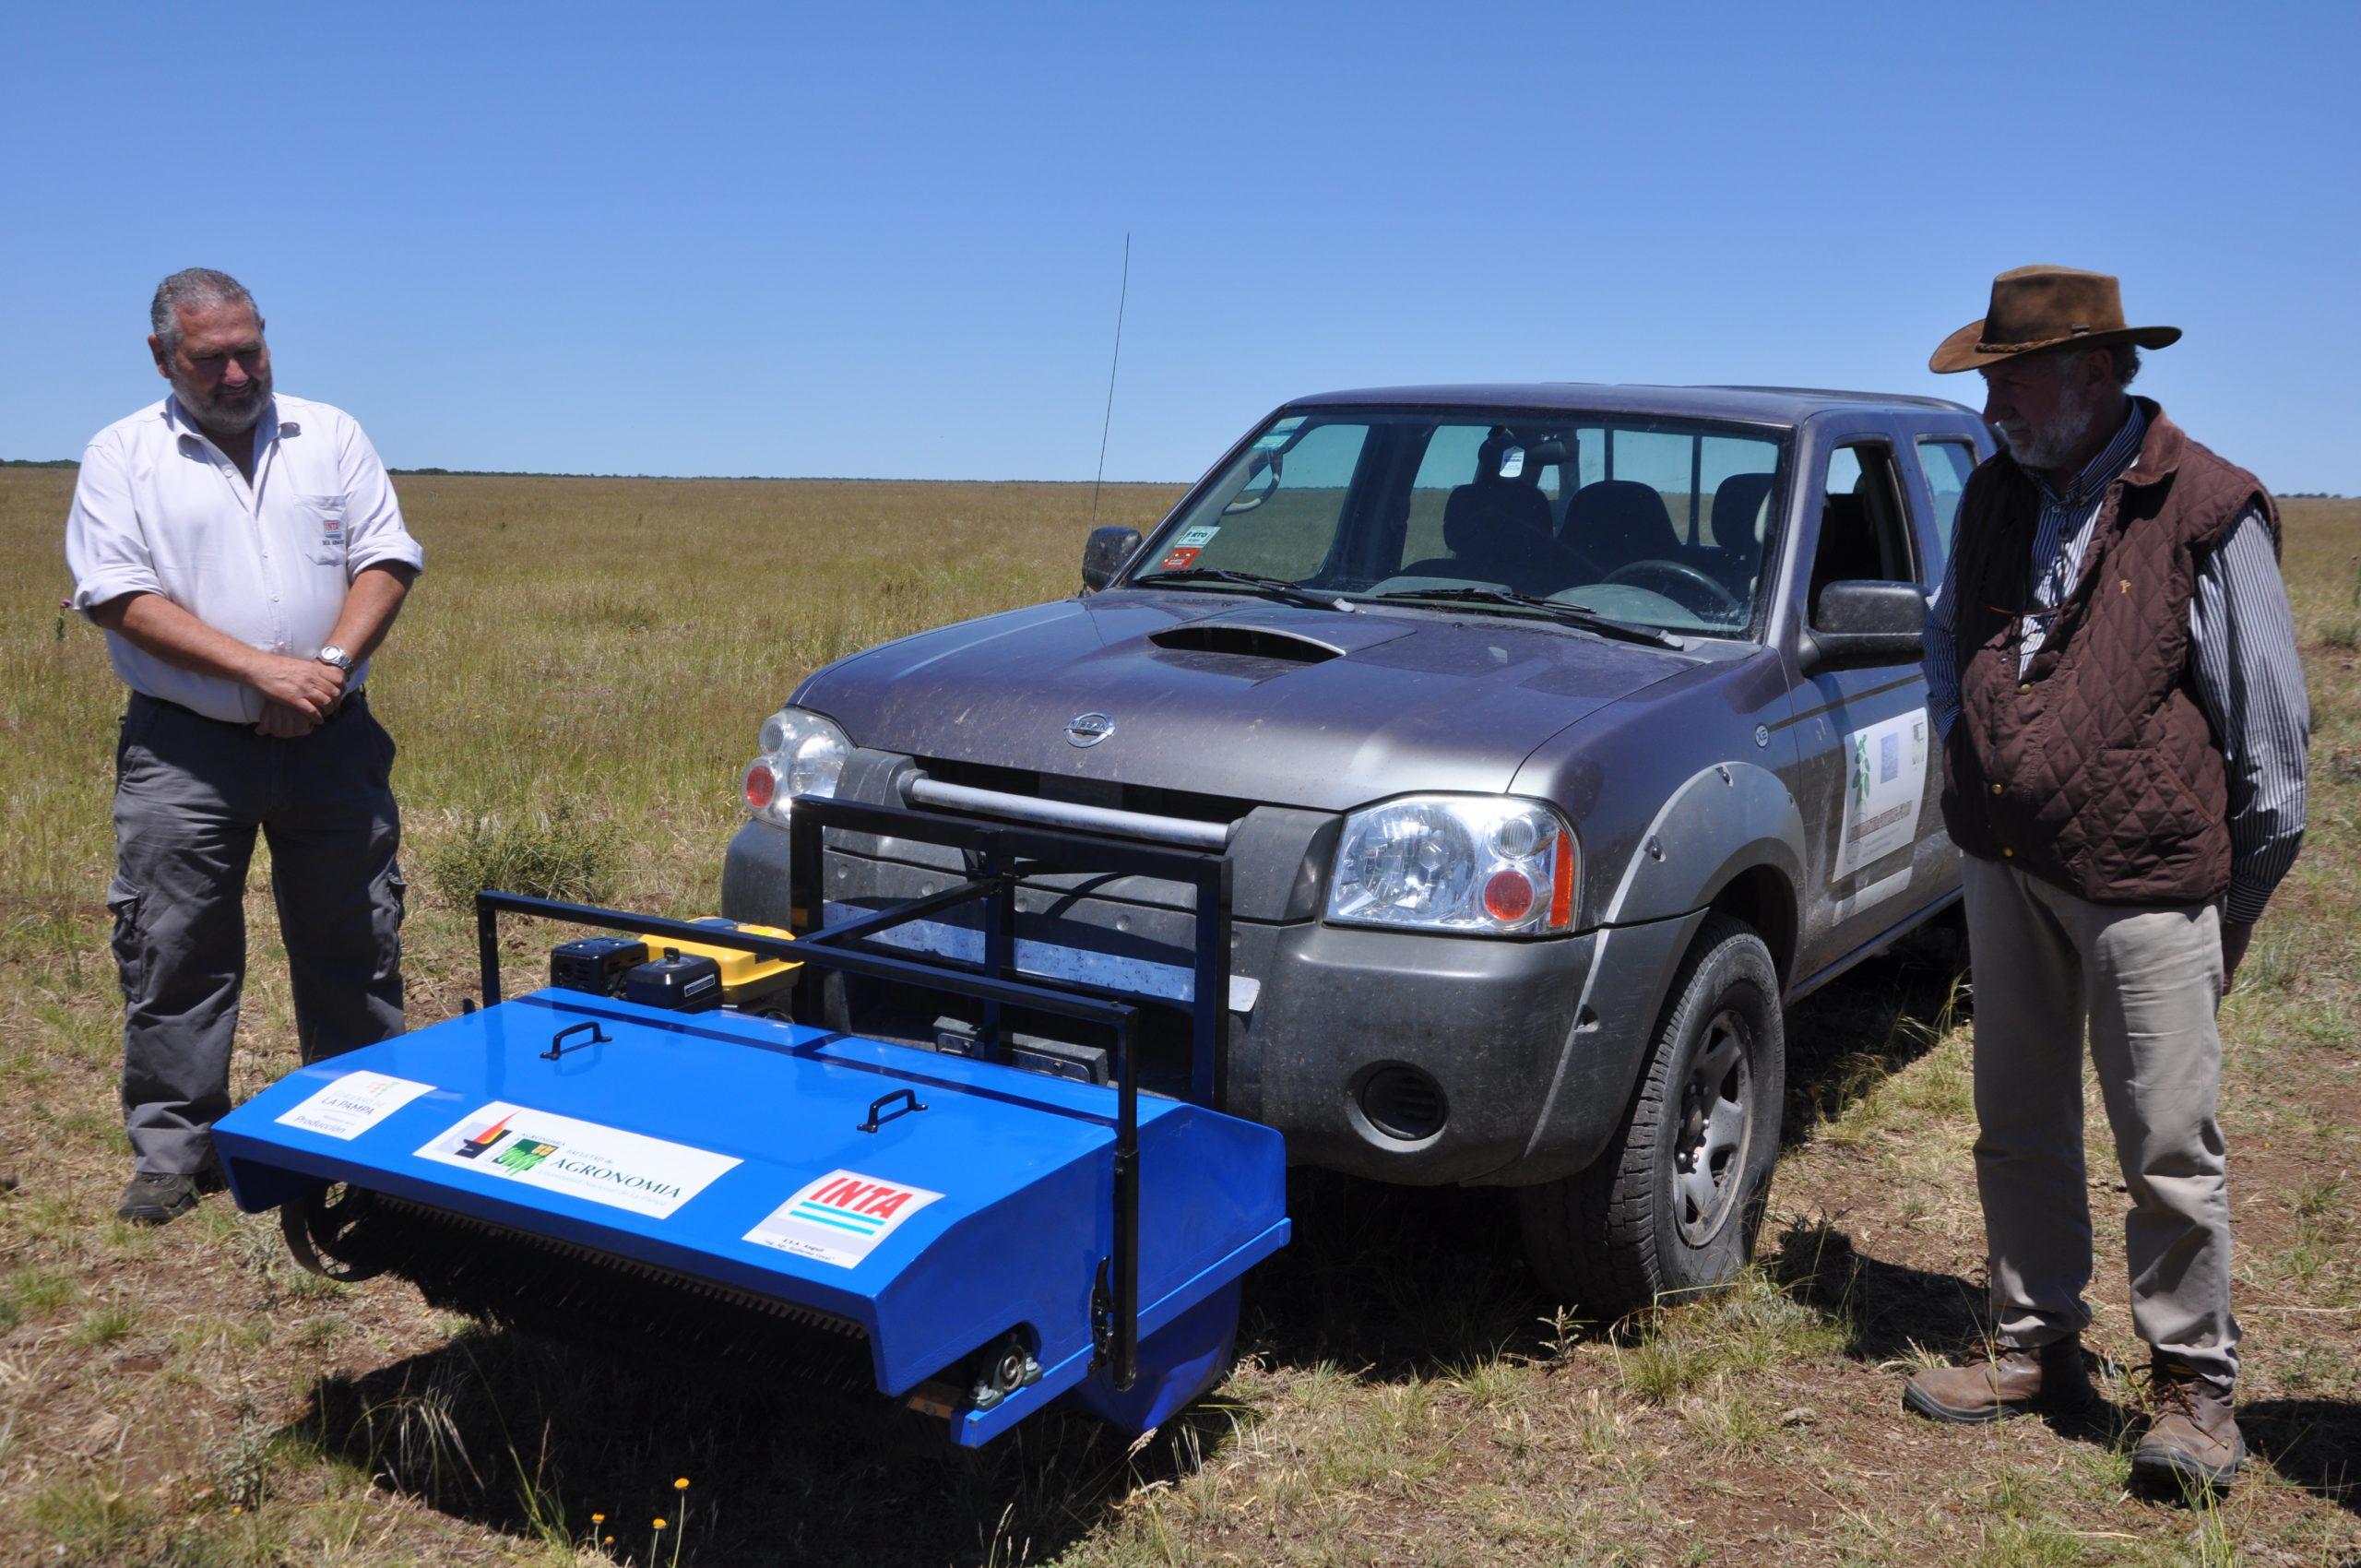 Presentaron en La Pampa un innovador equipo para cosechar semillas de especies nativas